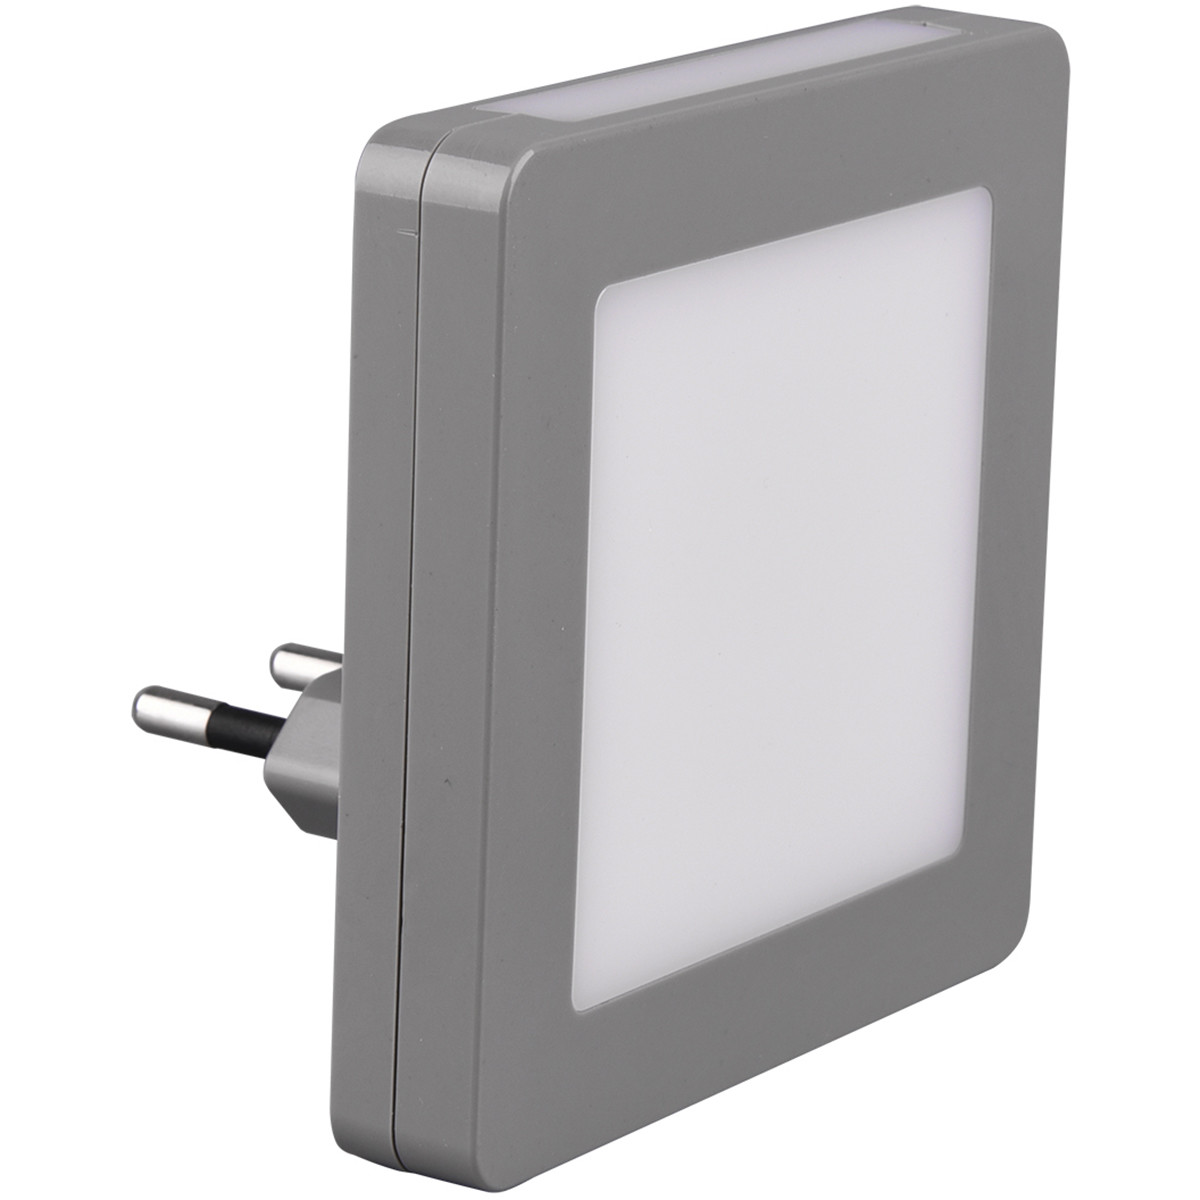 Stekkerlamp Lamp - Stekkerspot met Dag en Nacht Sensor Incl. Schakelaar - Trion Hiko - 0.3W - Warm W